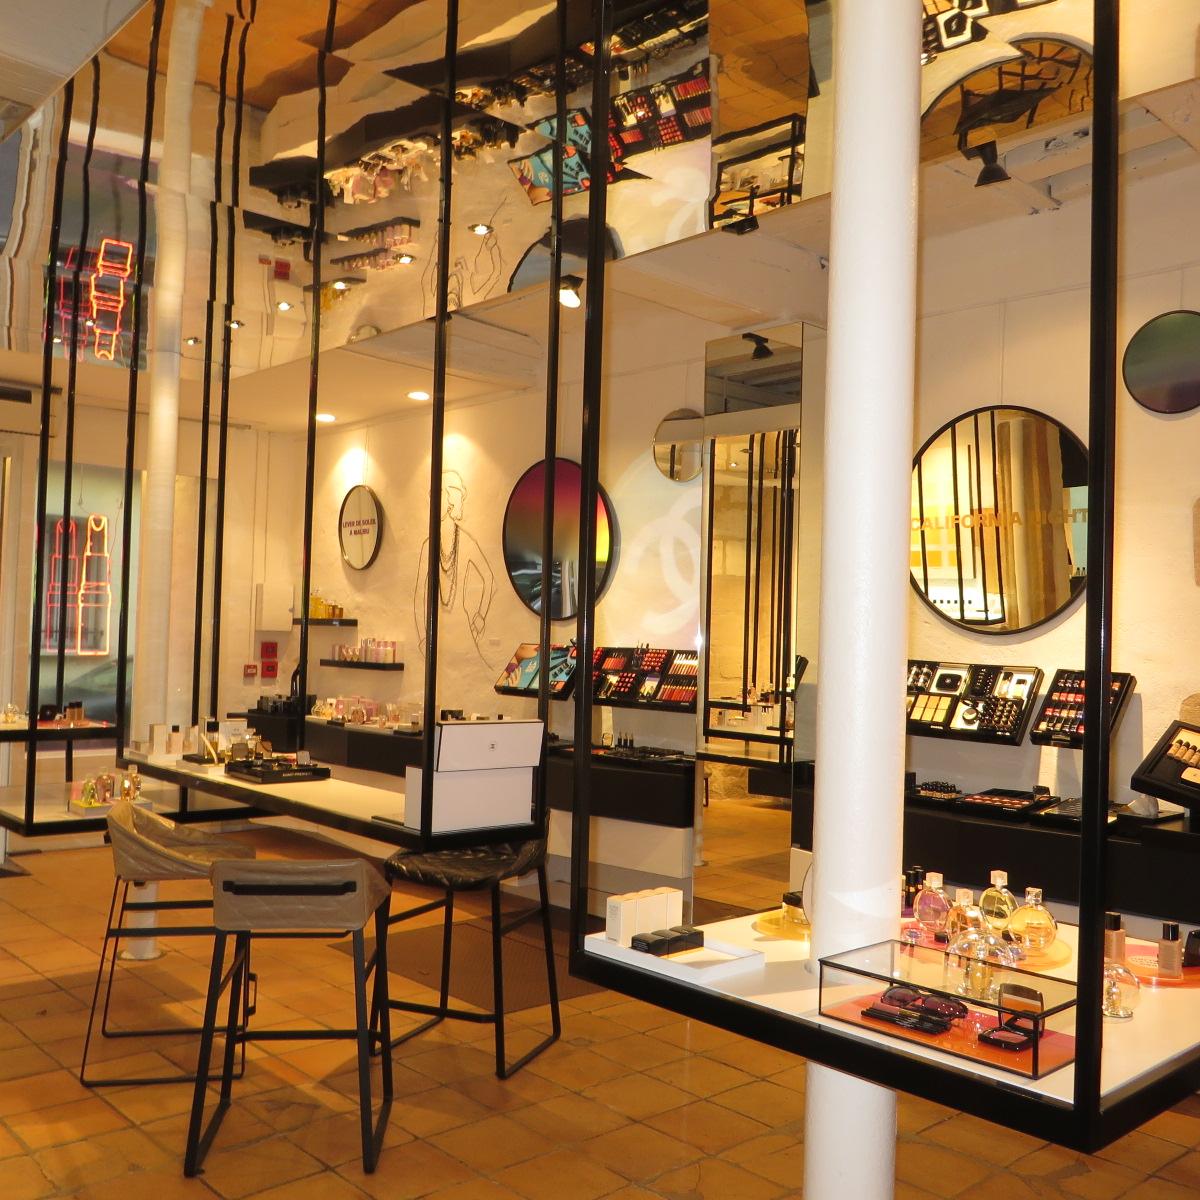 Boutique chanel paris le marais bonplanparis2 pamfashionblog blog mode e - Magasin deco paris marais ...